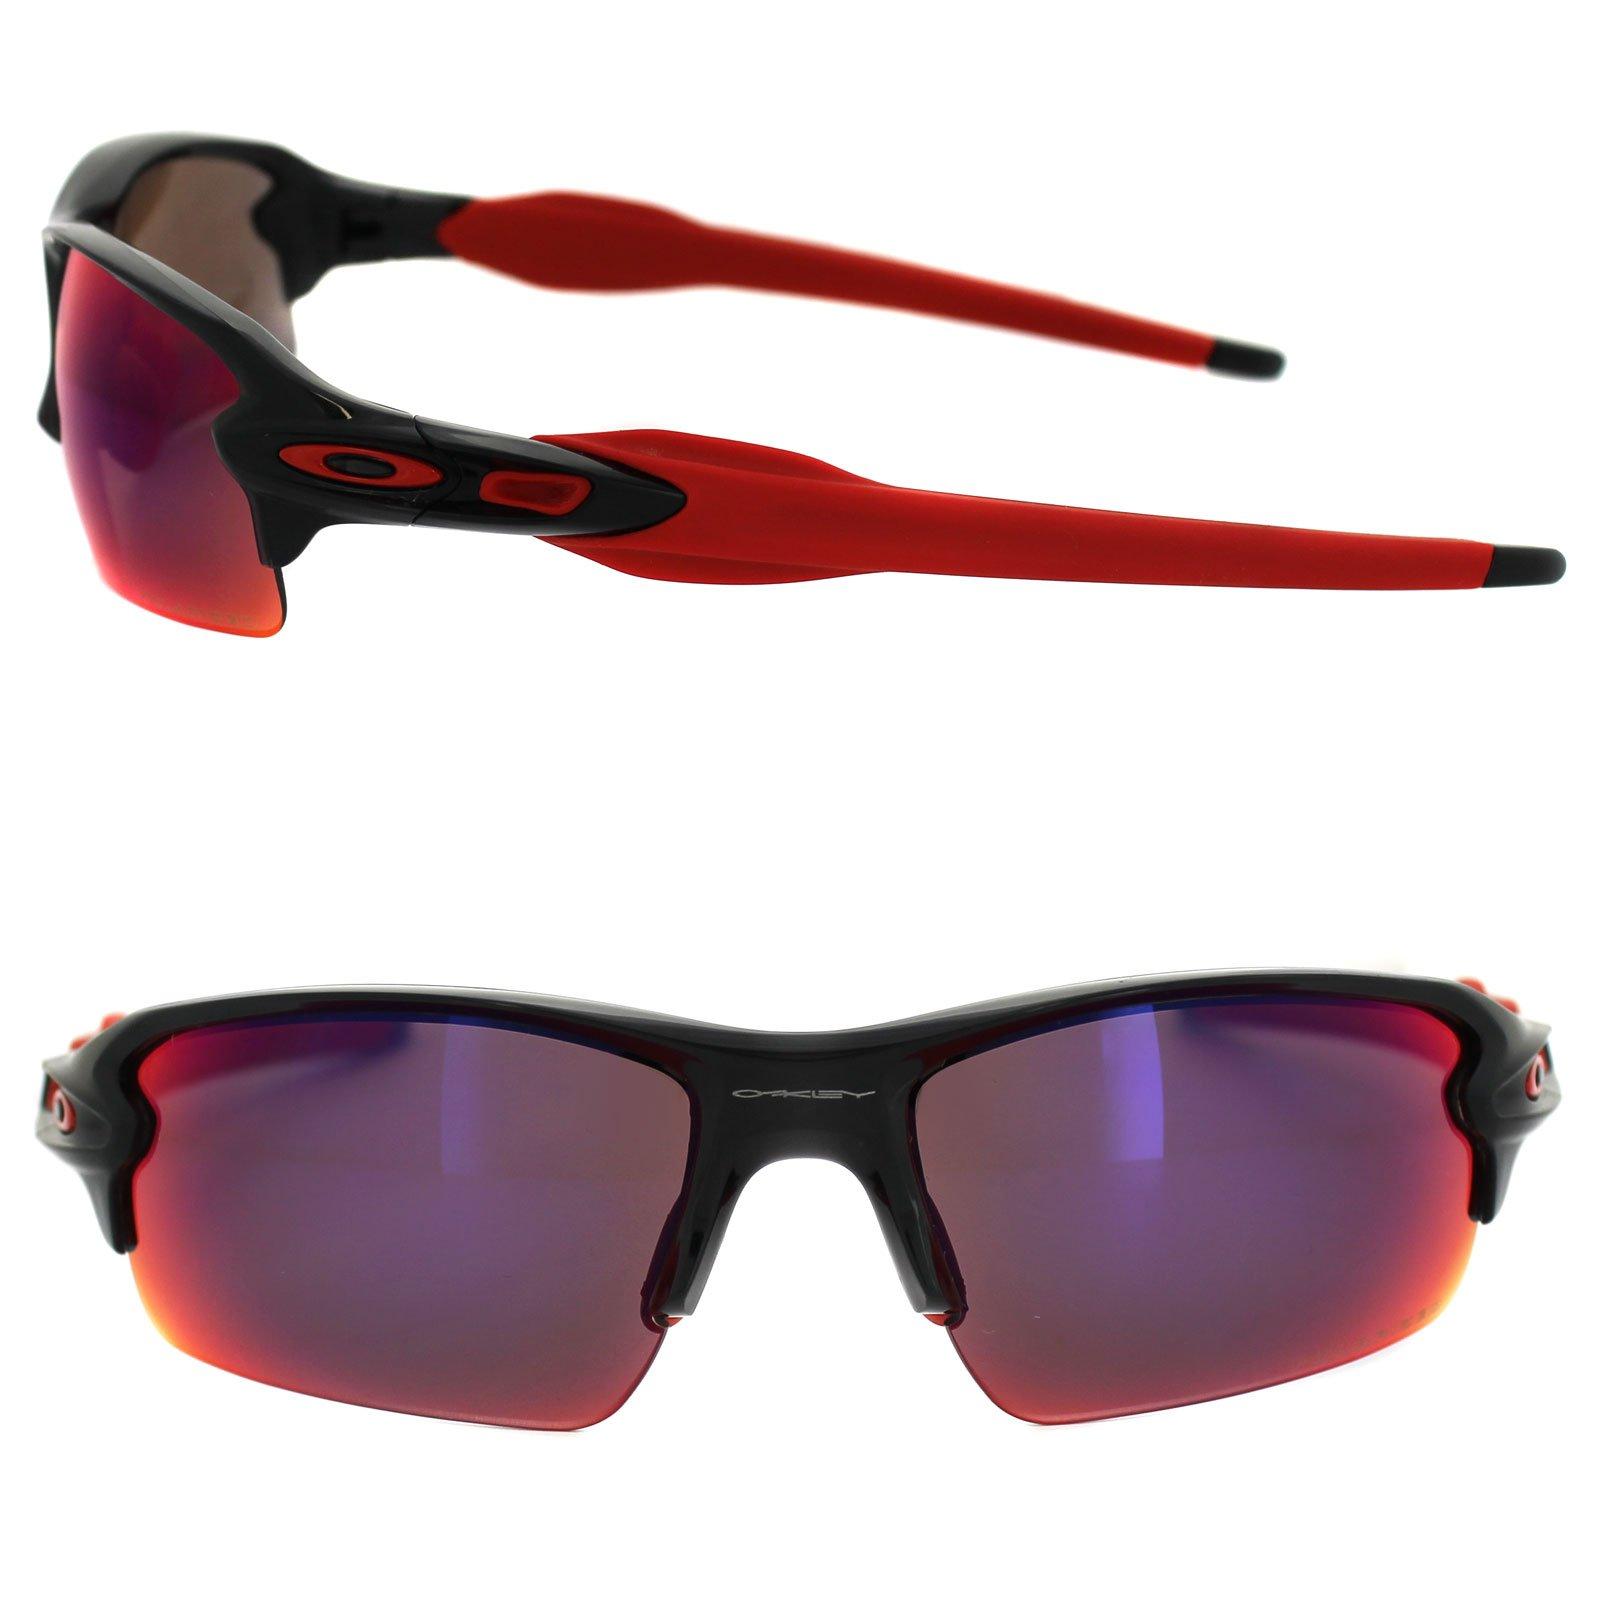 Oakley Half Jacket 2.0 XL Polished Black Red Iridium Polarized Sunglasses